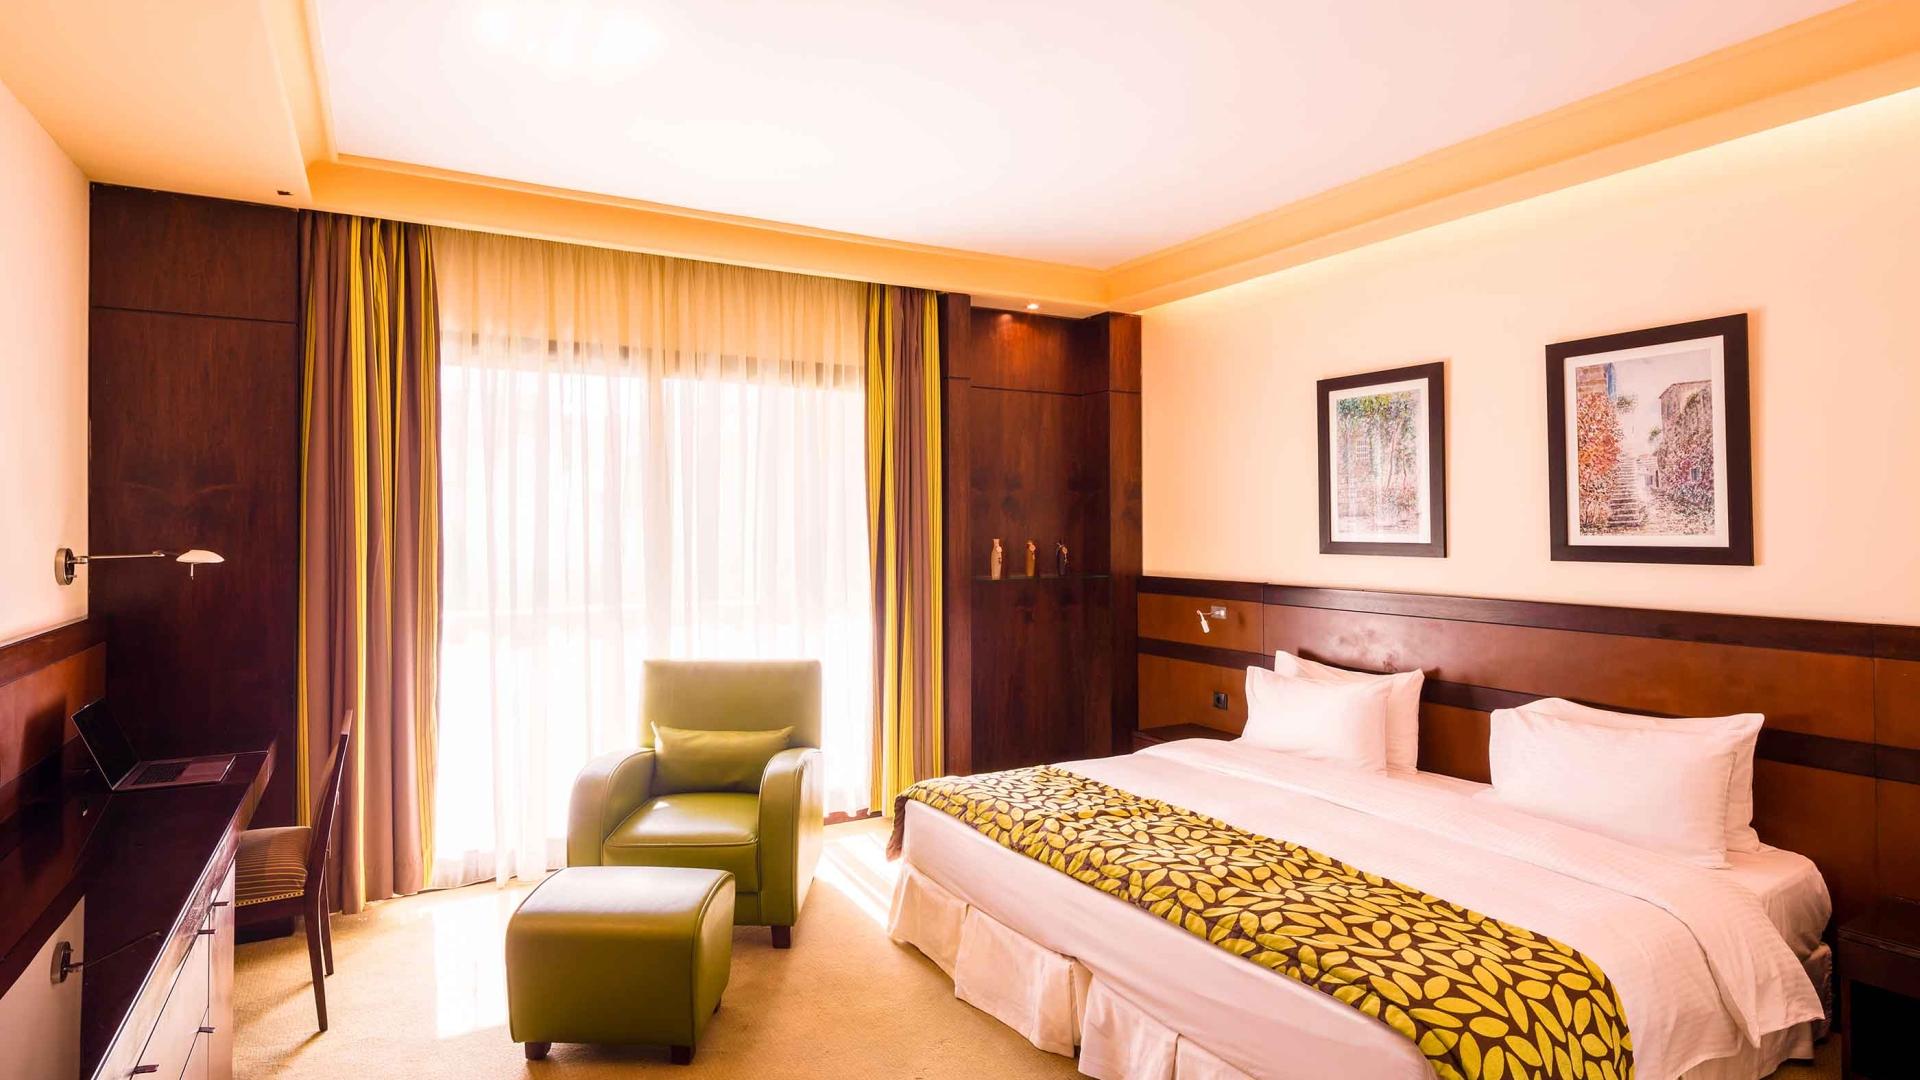 غرف النوم في  فندق كورال بيروت الحمراء